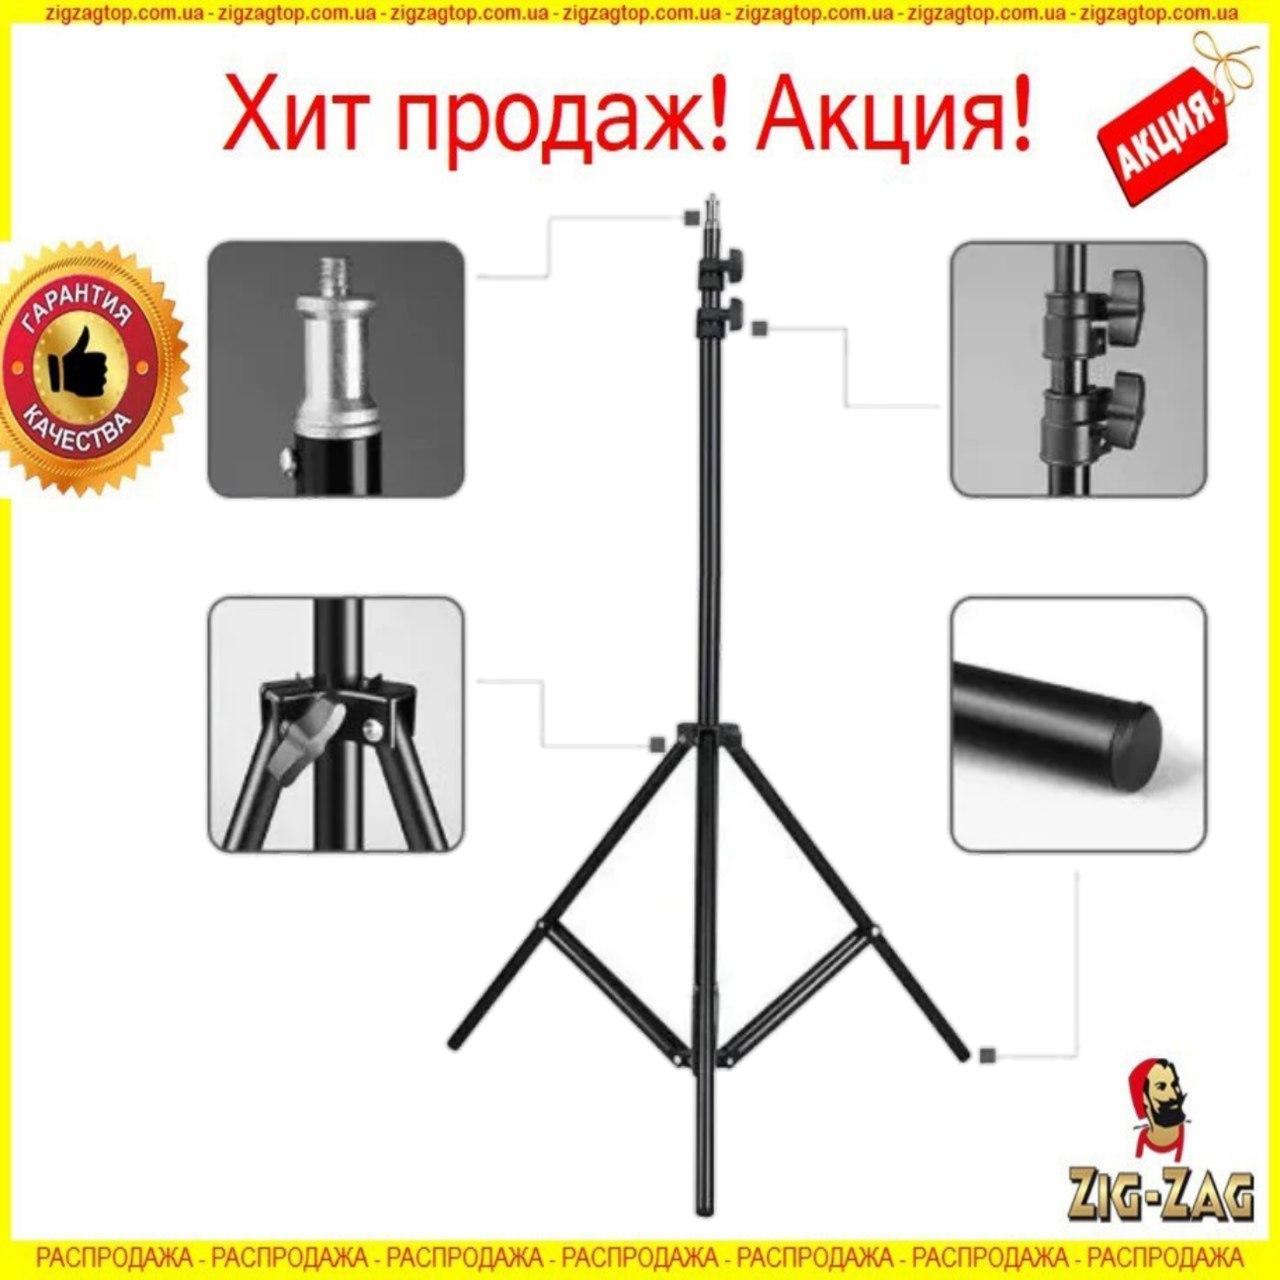 Универсальная складная стойка для кольцевых ламп Смартфона STAND штатив-тренога подставка держатель фотоштати